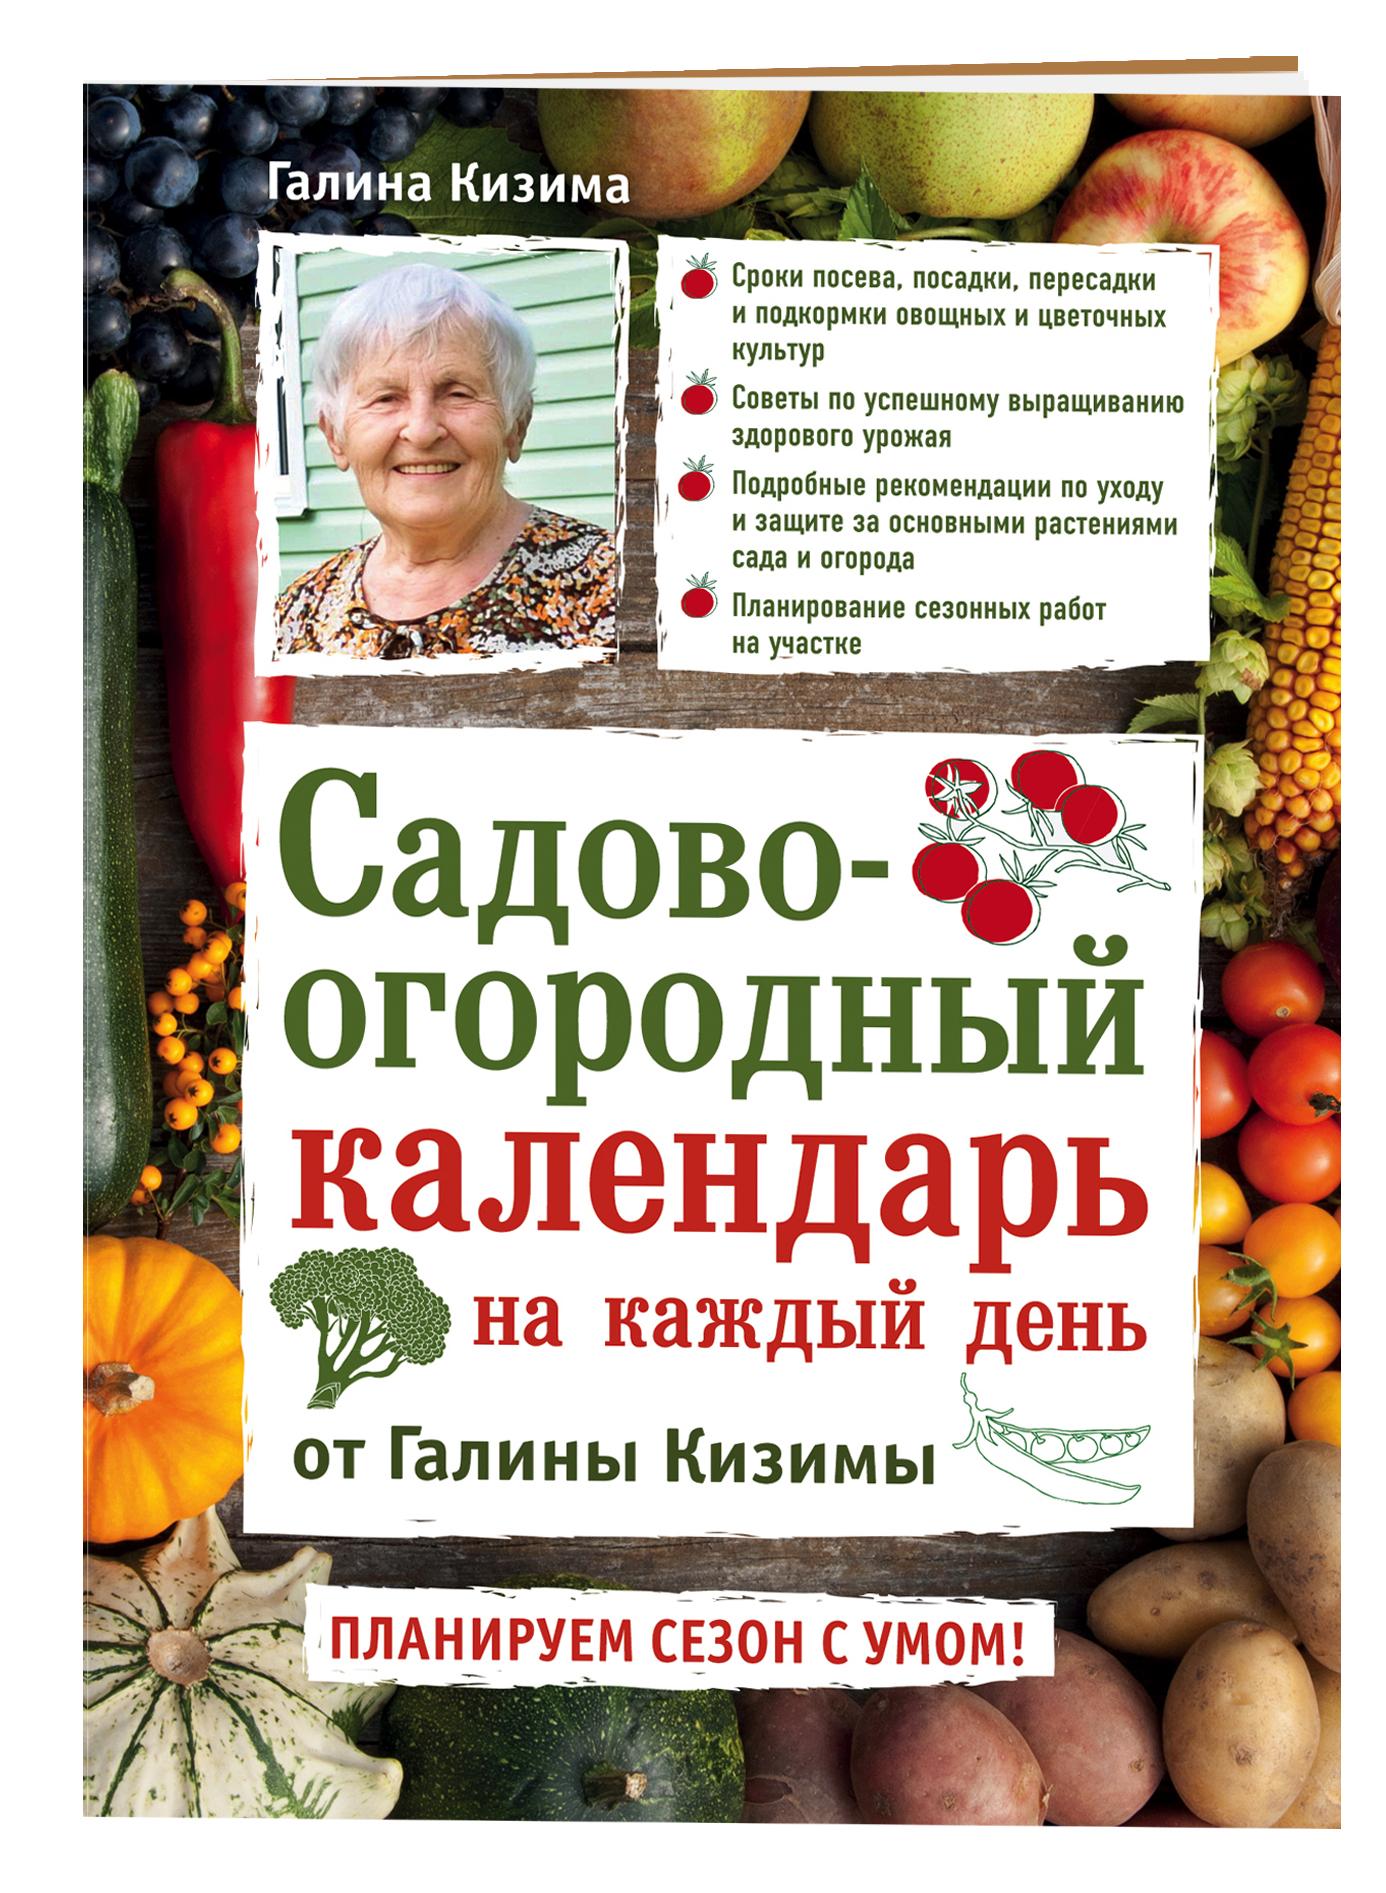 Садово-огородный календарь на каждый день ( Галина Кизима  )